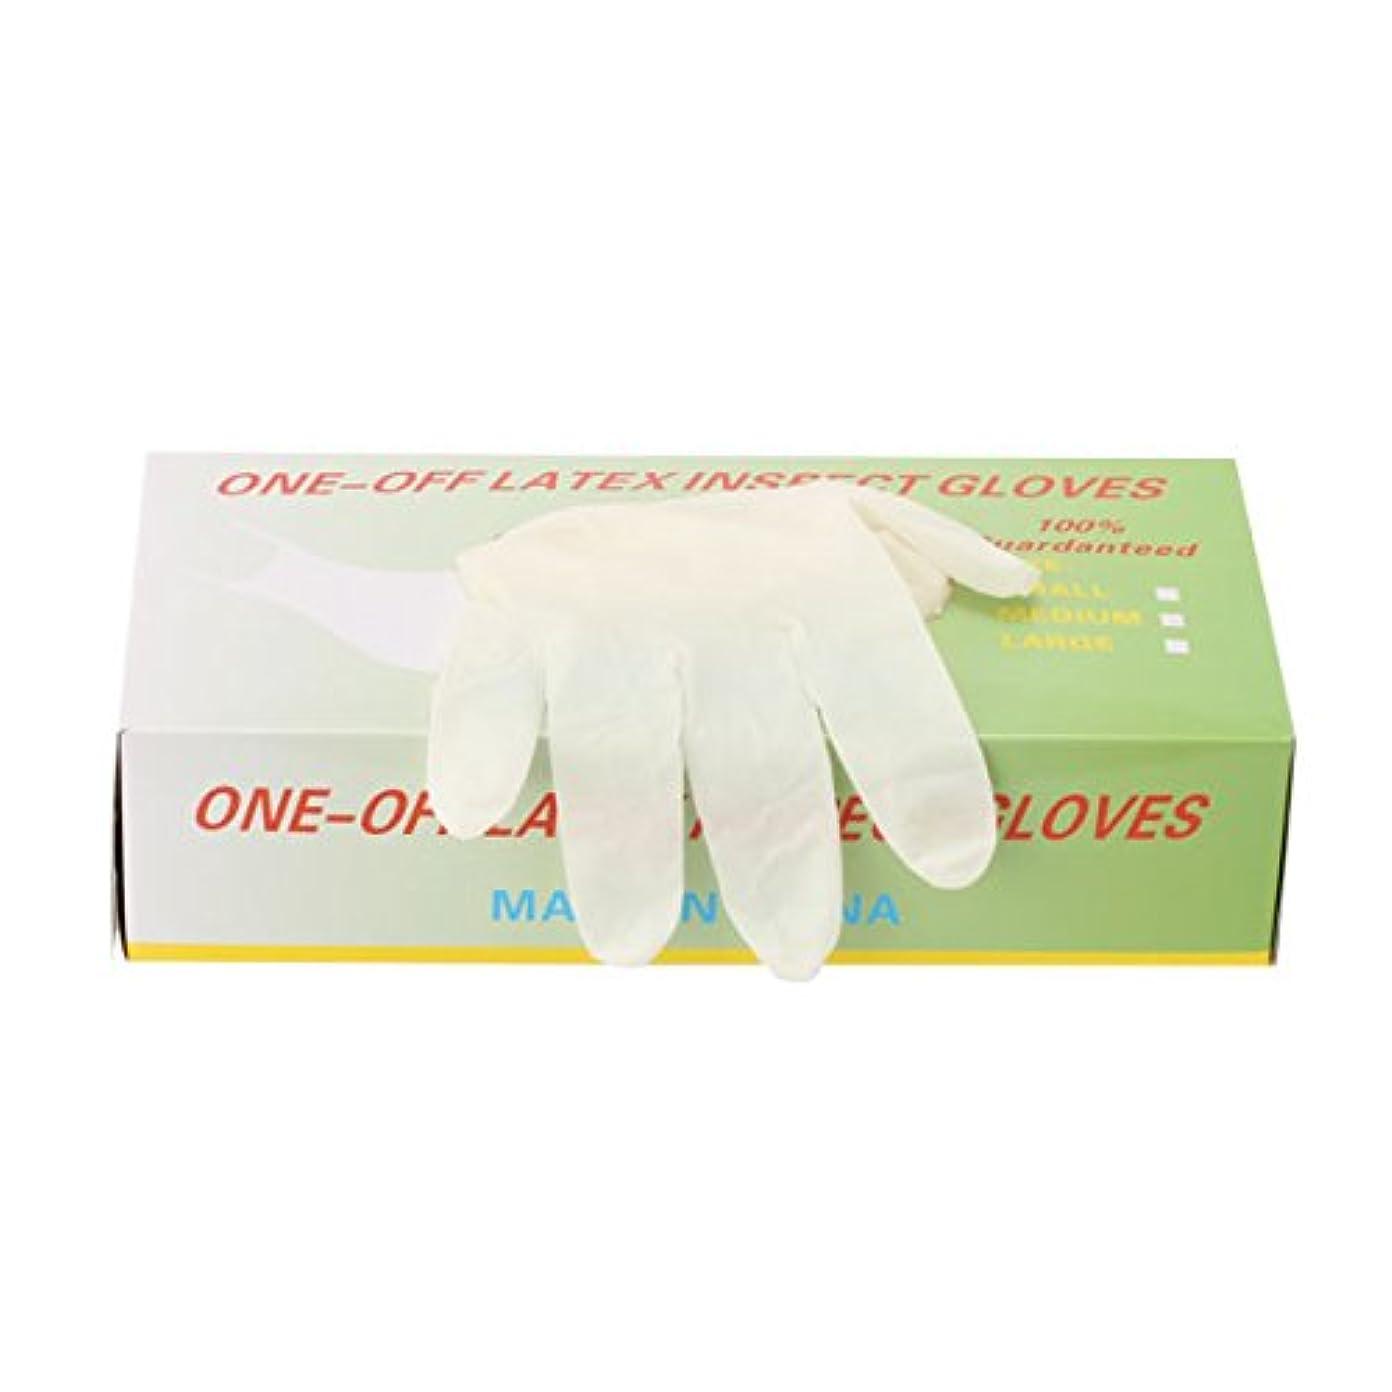 位置する古い味付けパウダーフリー使い捨てゴム手袋 100枚入 全3種 Lサイズ [ 手袋 グローブ ゴム手袋 使い捨て手袋 使い捨てグローブ ]